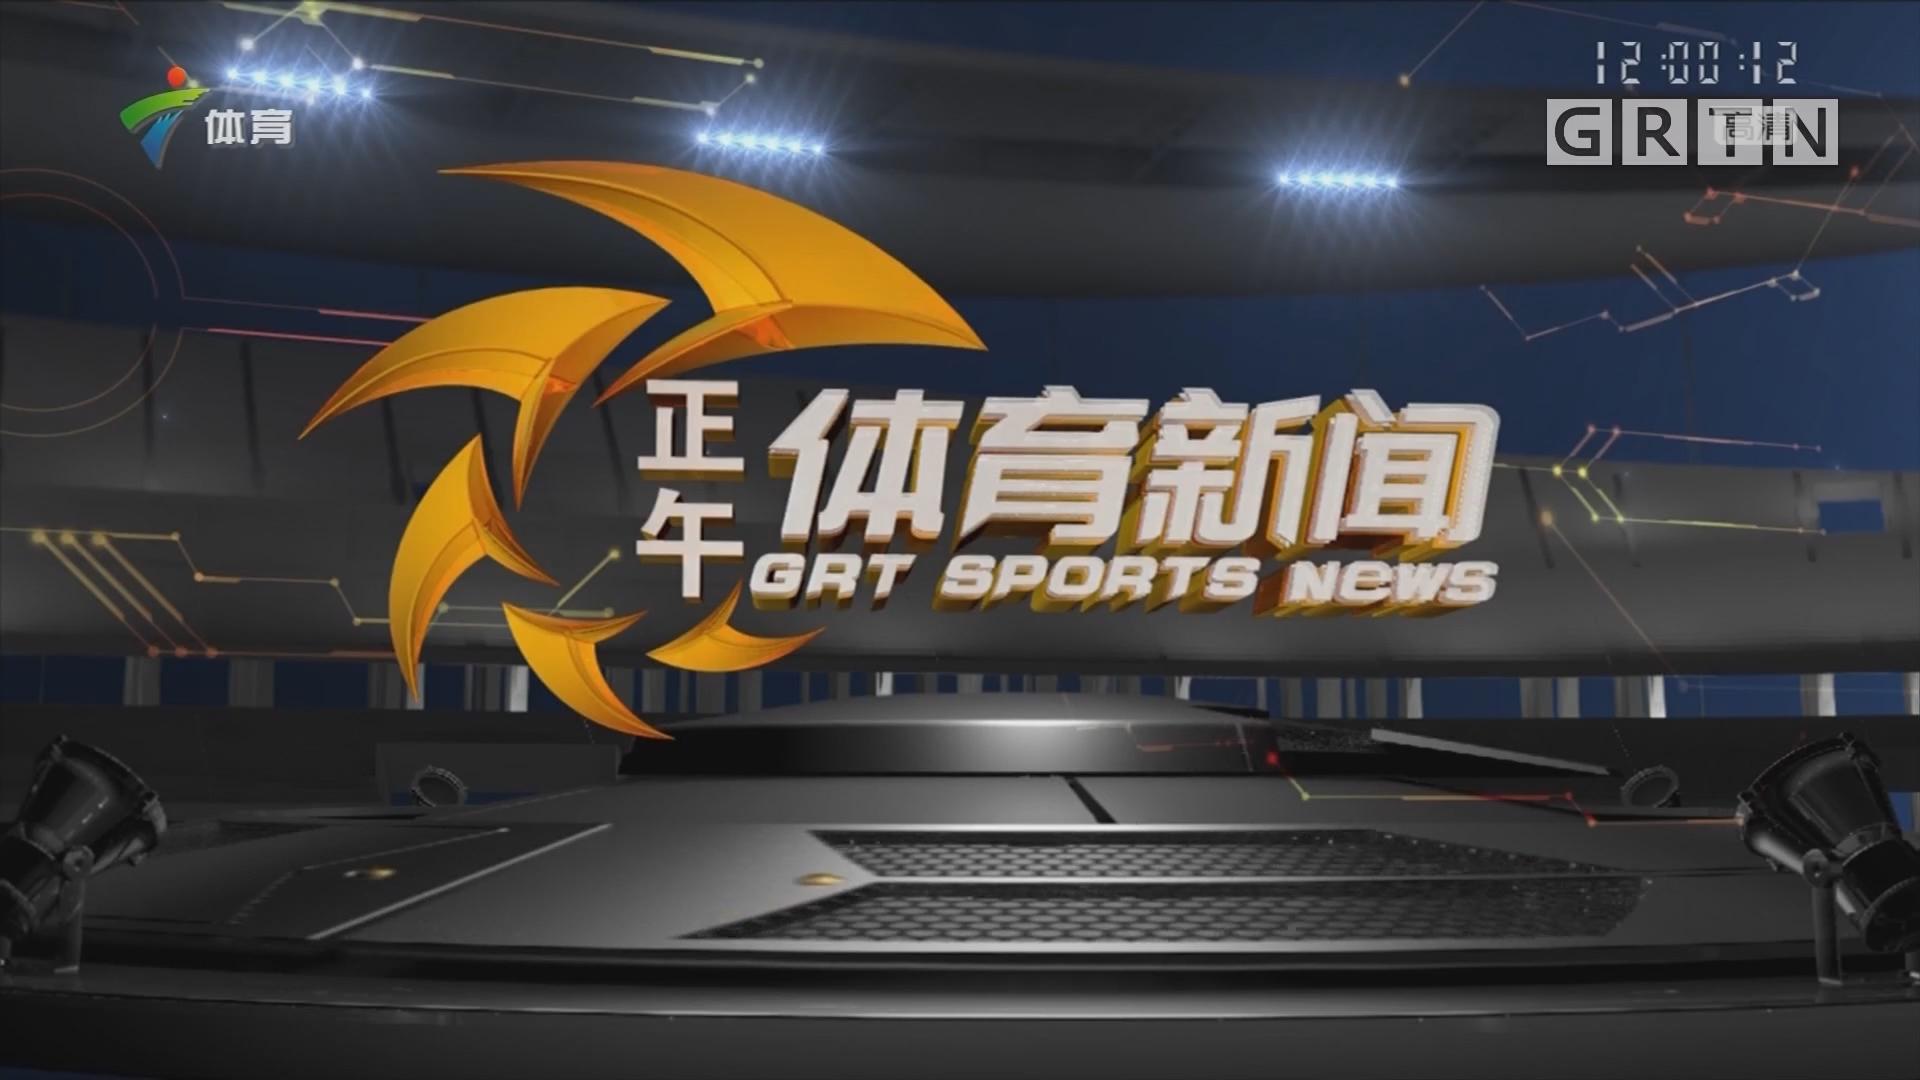 [HD][2018-11-23]正午体育新闻:轻取山西 广东东莞银行喜获十五连胜